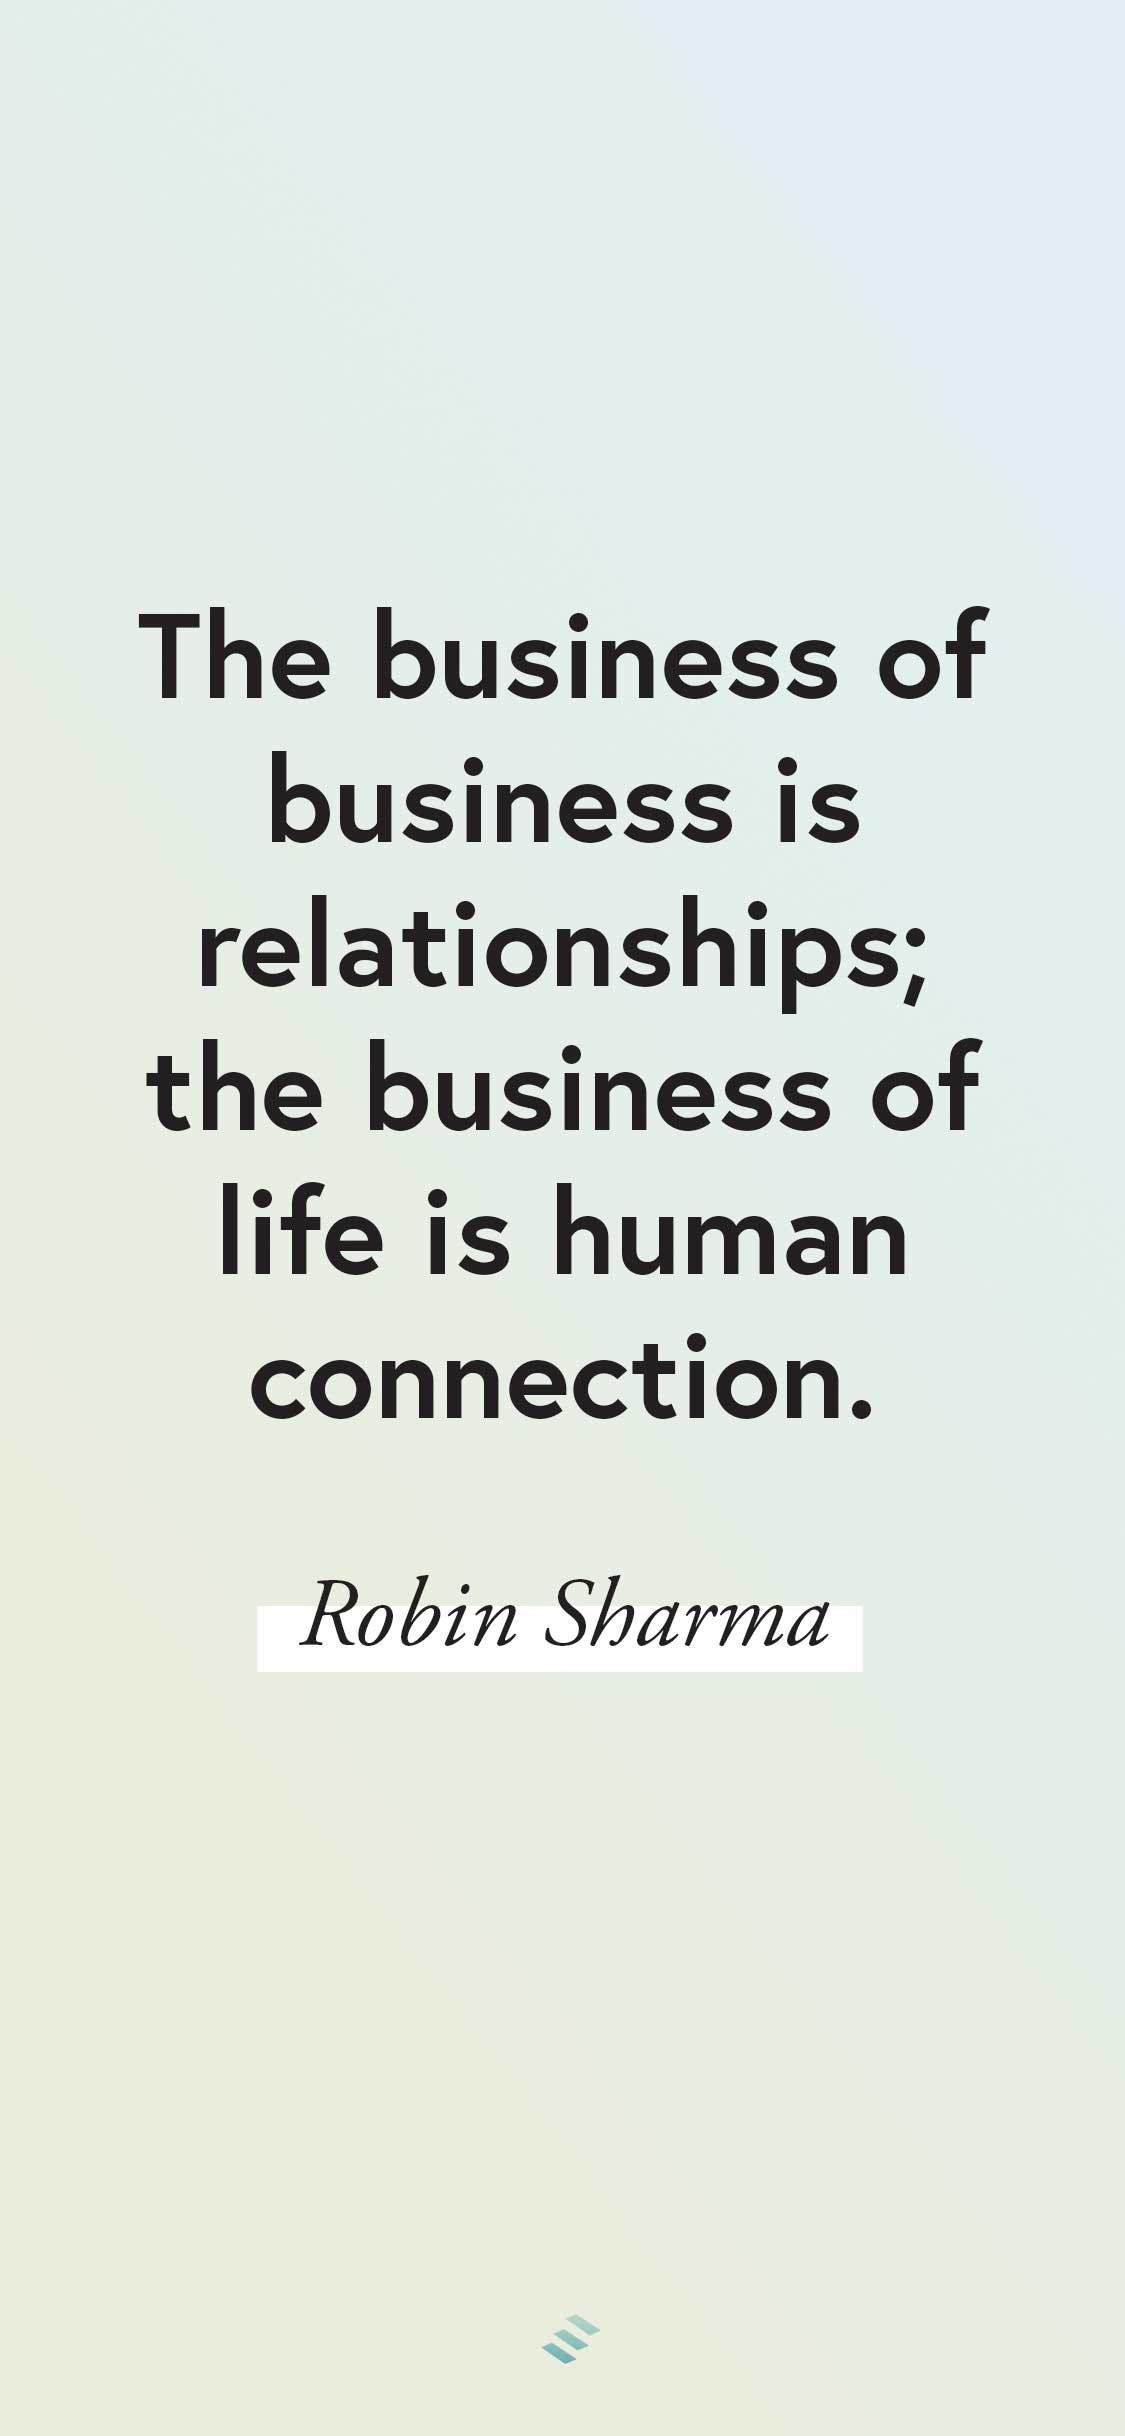 a robin sharma quote wallpaper